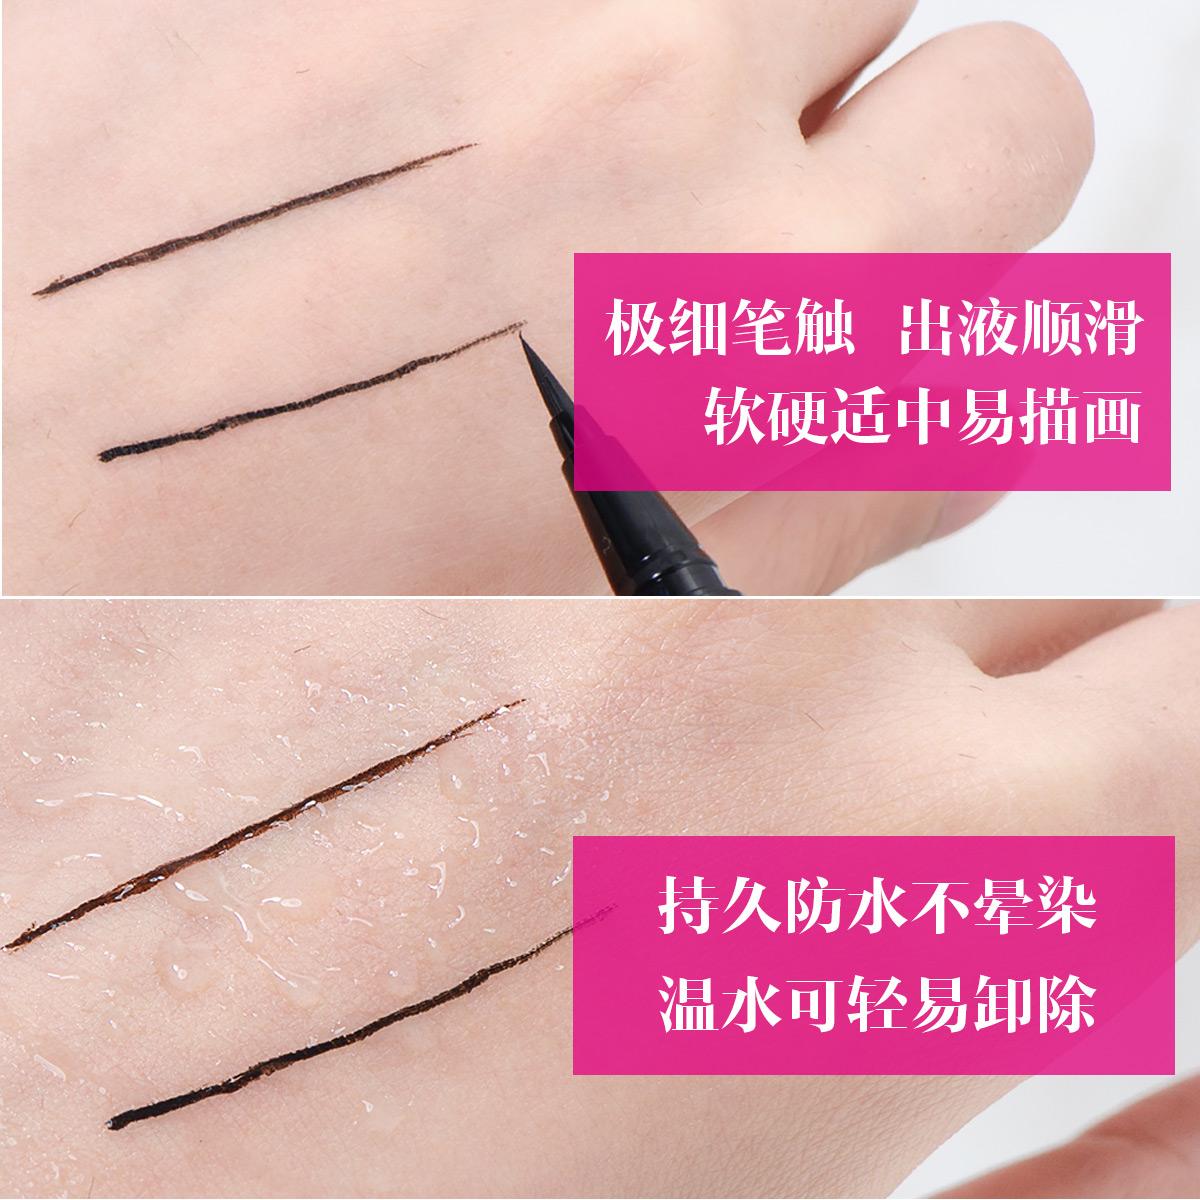 d4447cc11f9 Japan KOJI Kouji Dolly Wink durable waterproof not blooming eyeliner pen  fine eyeliner black brown · Zoom · lightbox moreview · lightbox moreview ·  lightbox ...